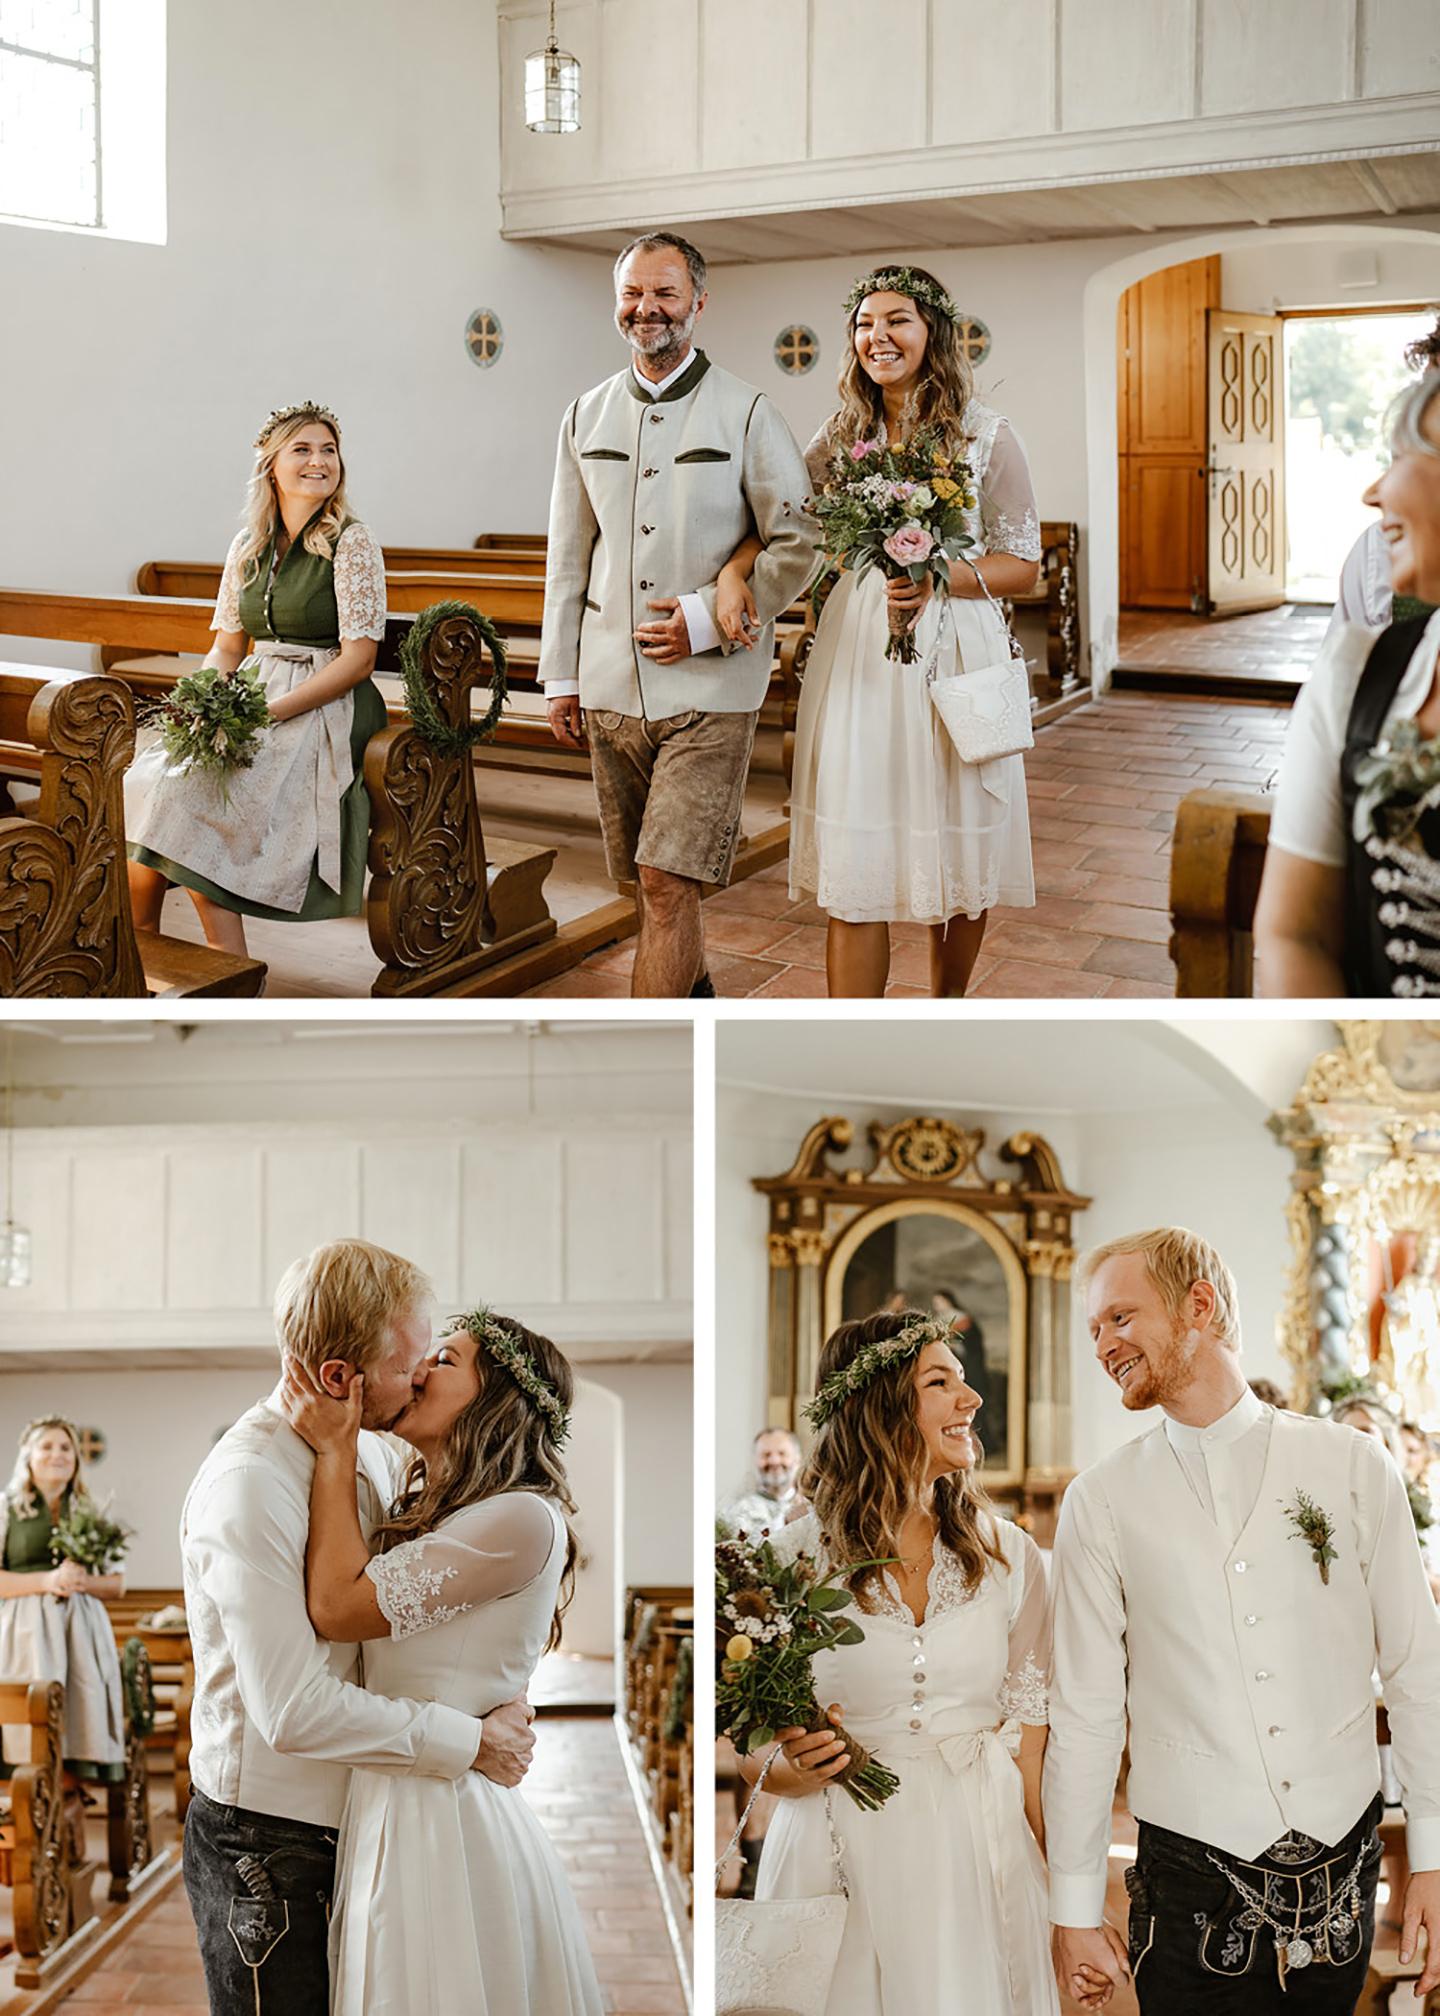 Der Vater der Braut führt sie in die Kirche. Die Gäste schauen gespannt zu und die Braut strahlt. Vorne wird sie von ihrem Bräutigam erwartet und die beiden verlassen nach der Trauung die Kirche.